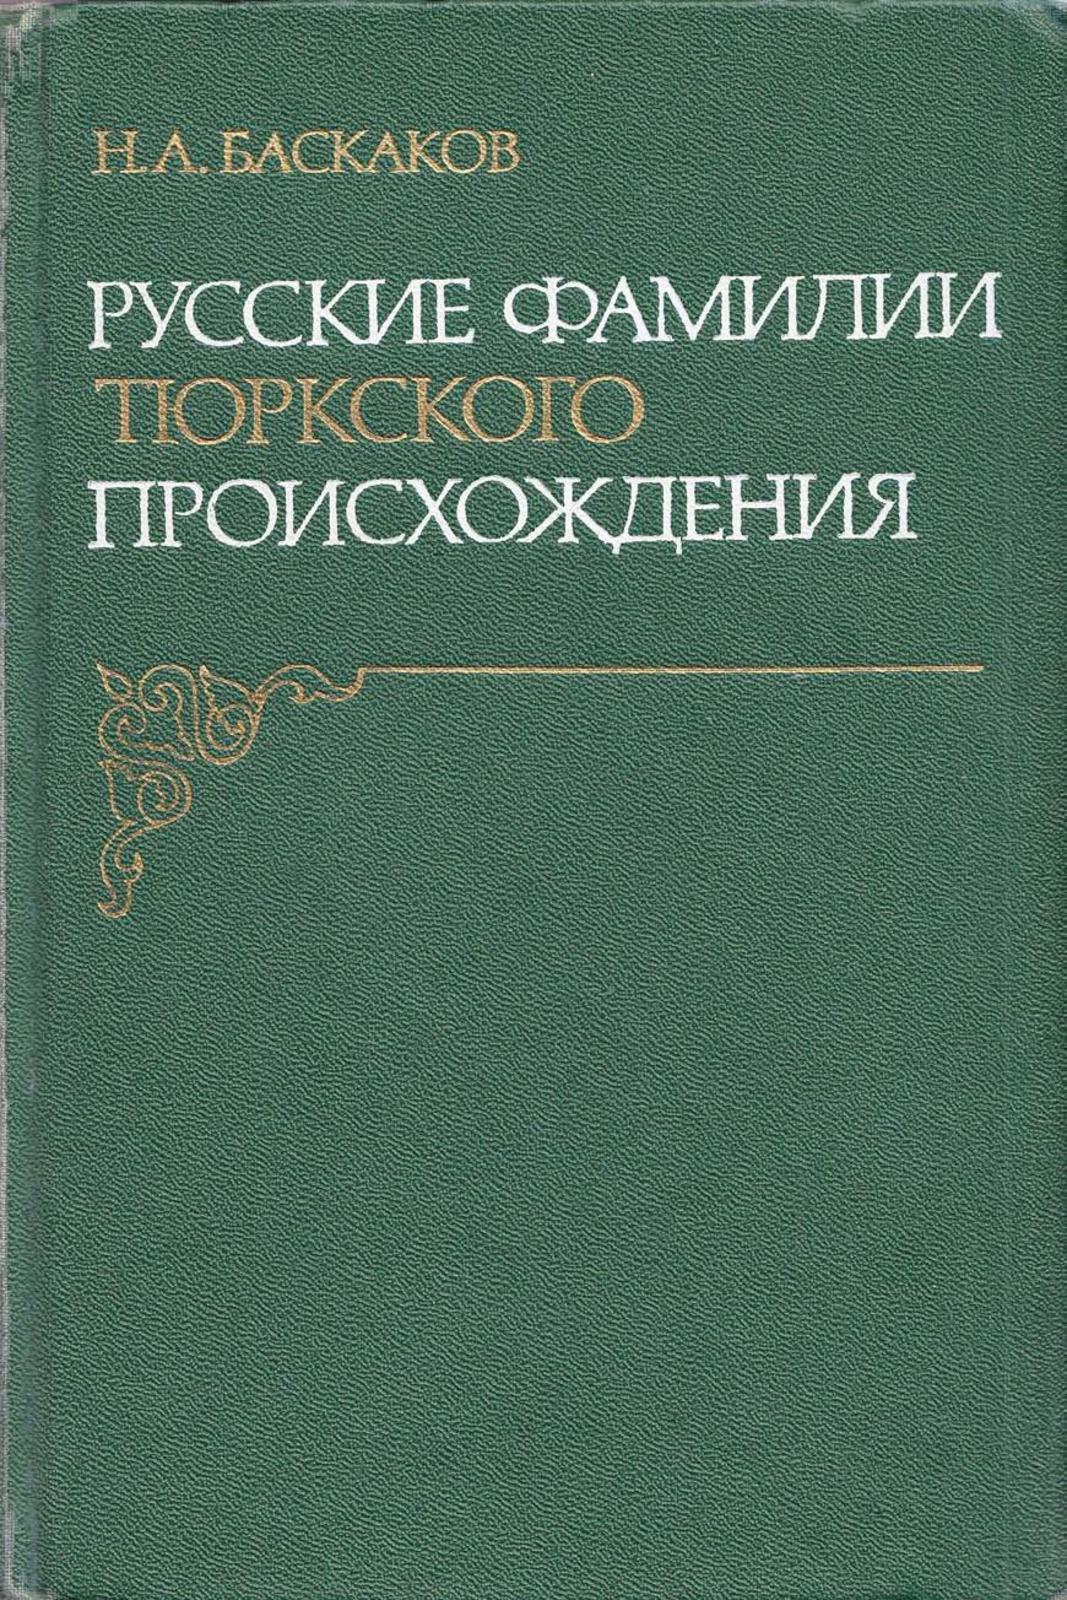 Баскаков Н А Русские фамилии тюркского происхождения (1979)